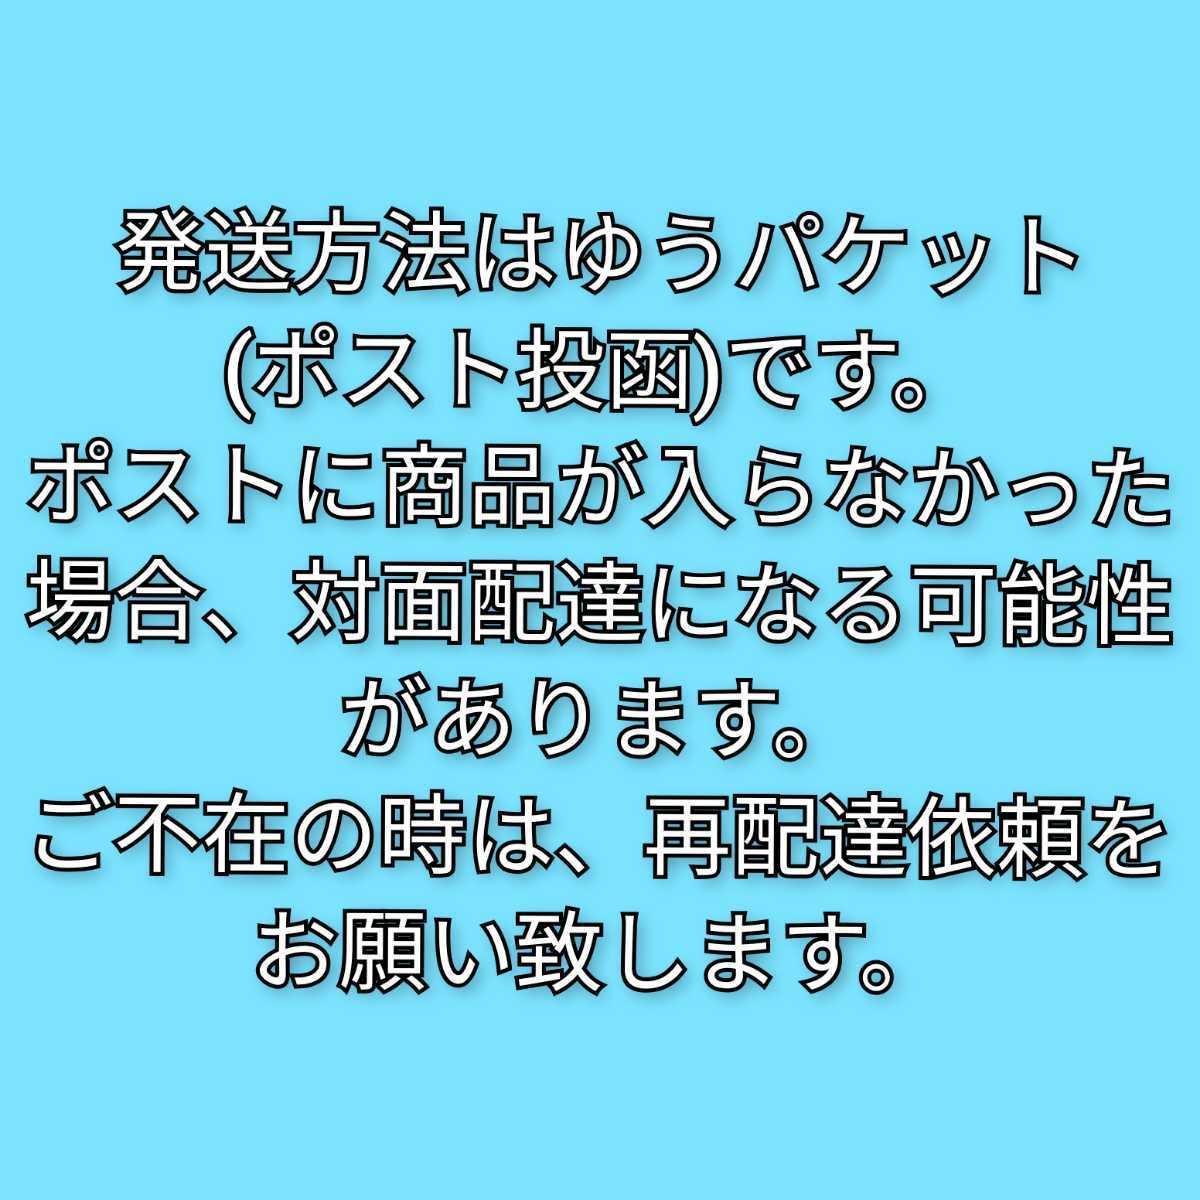 ビクトリーブレンド 20袋 澤井珈琲 ドリップコーヒー ②_画像3